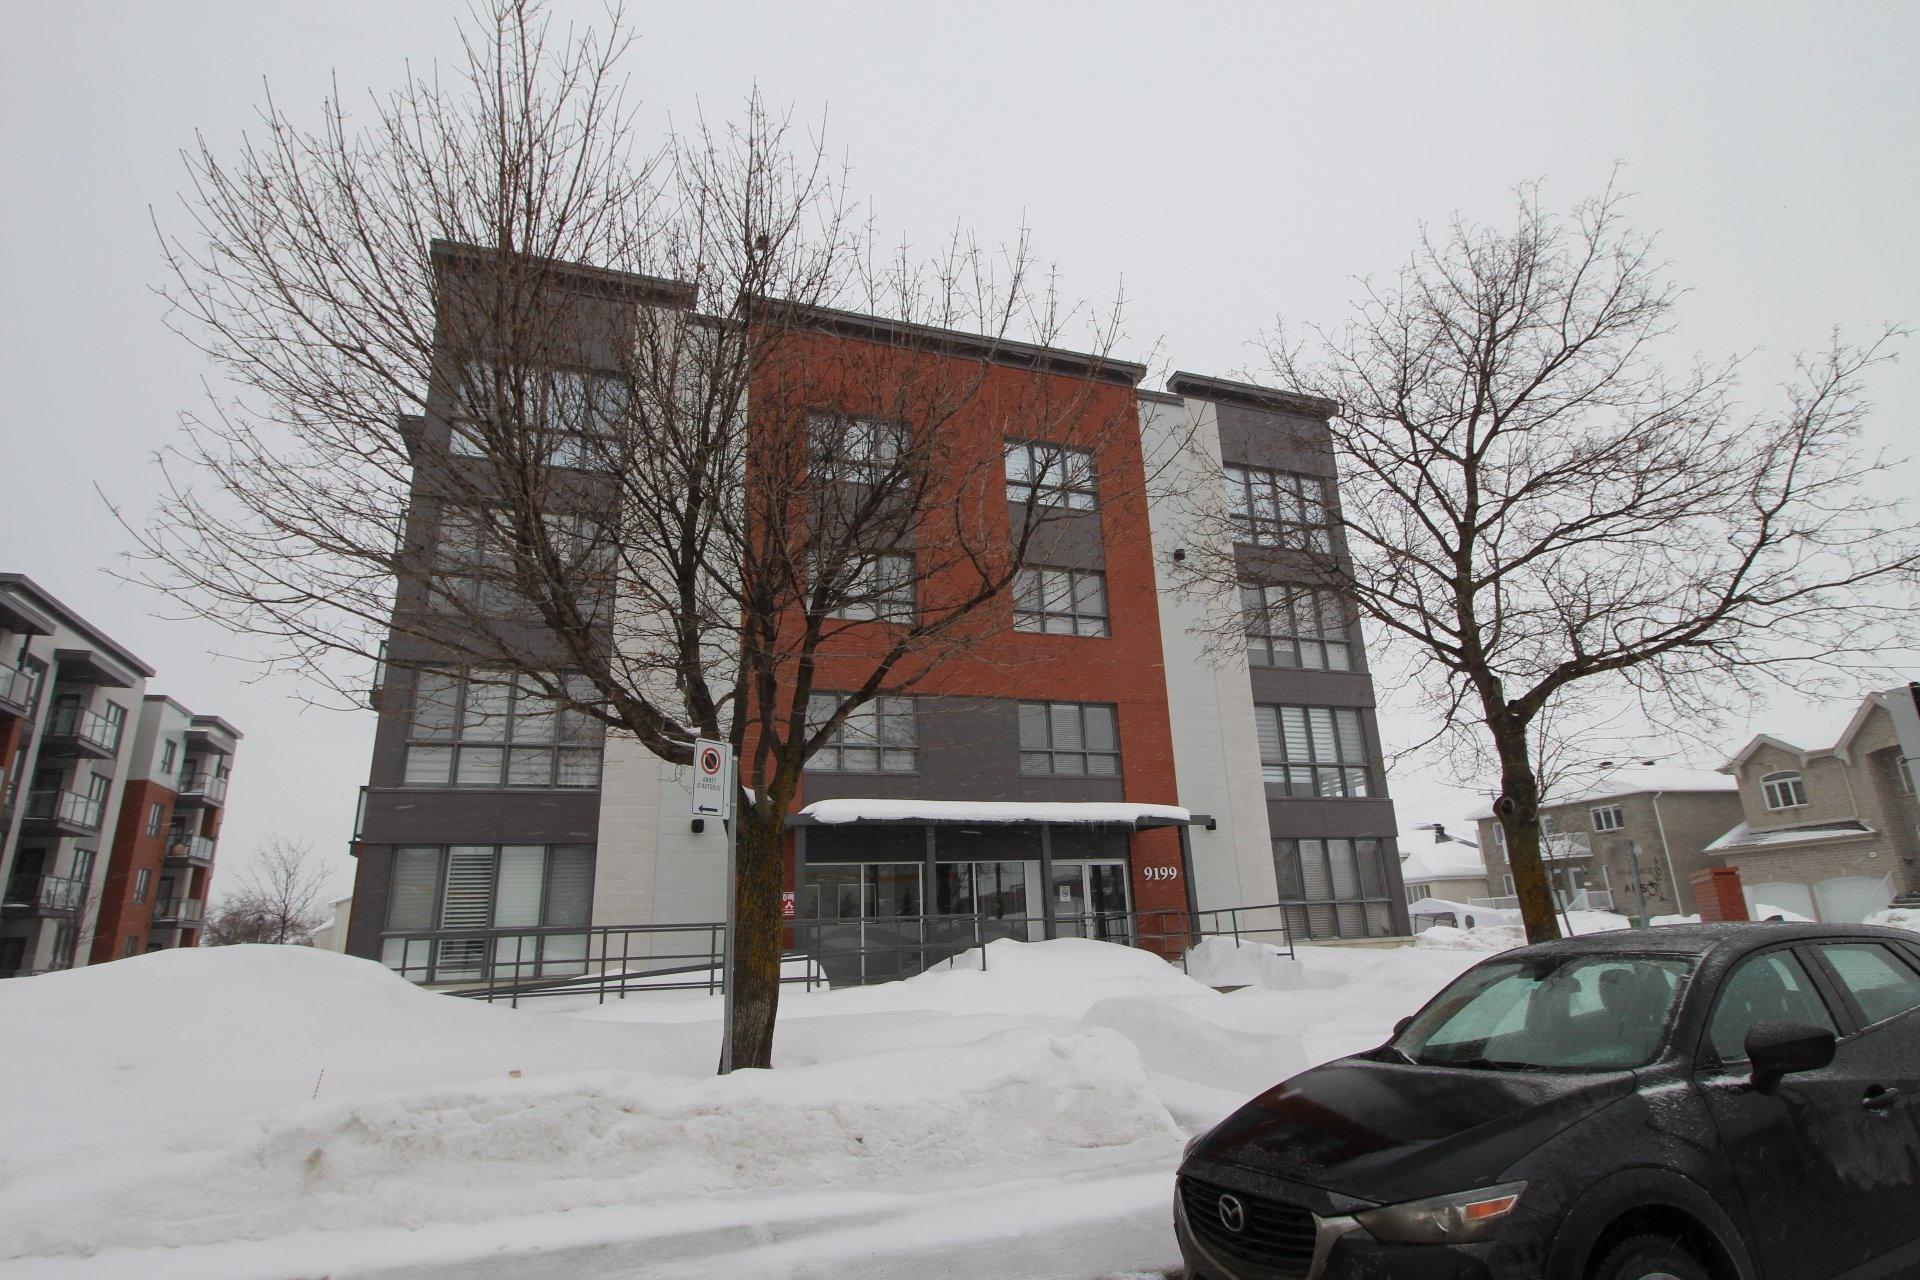 image 26 - Appartement À louer Rivière-des-Prairies/Pointe-aux-Trembles Montréal  - 6 pièces